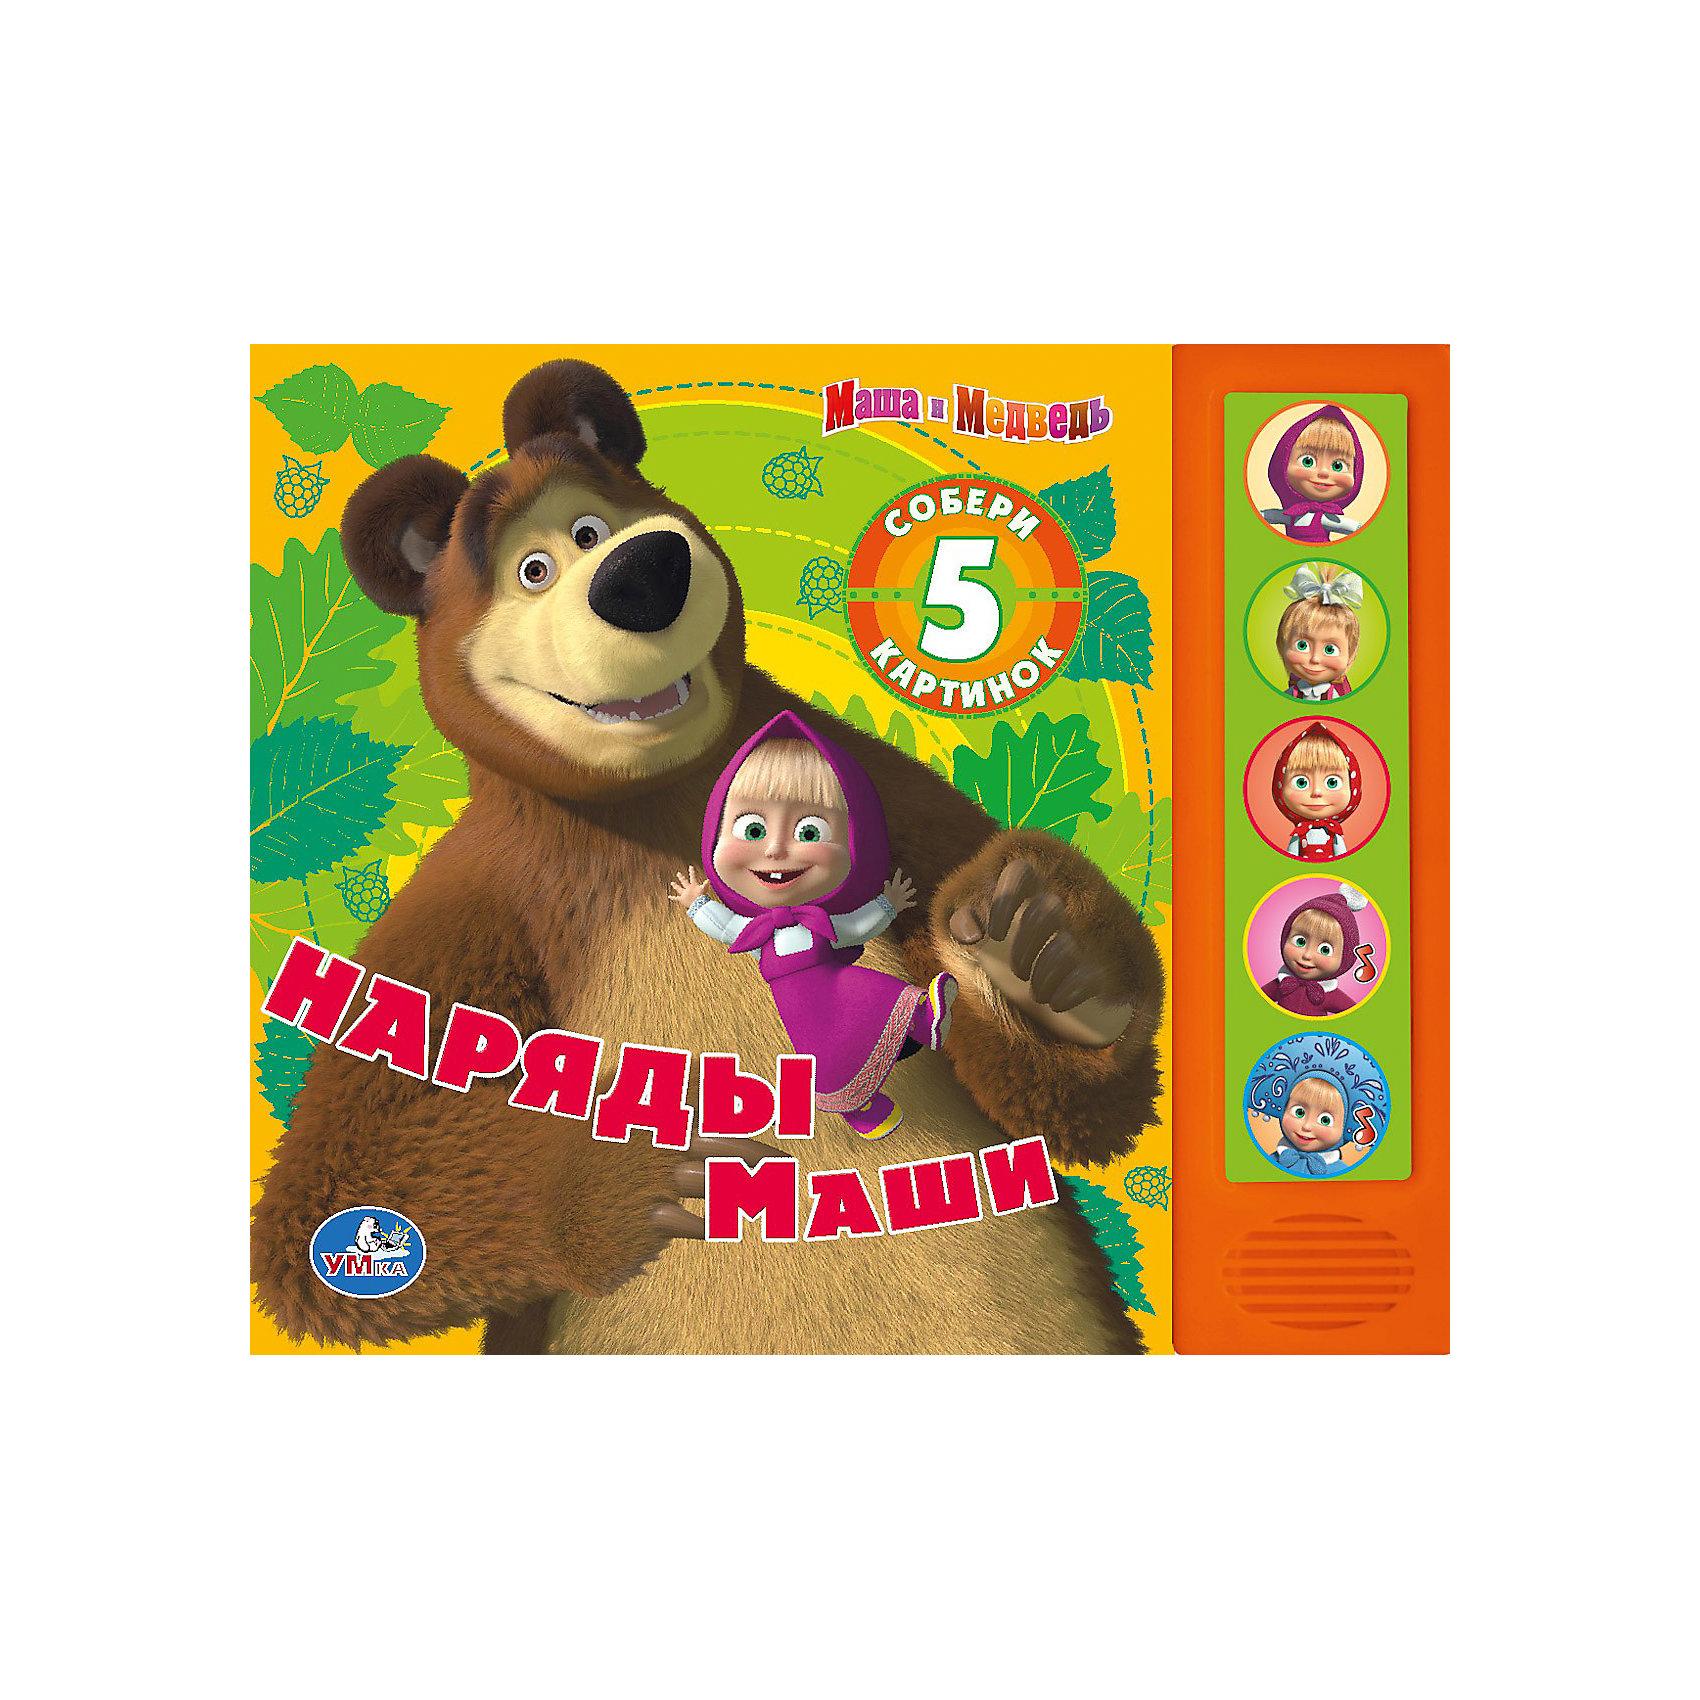 Книга с 5 кнопками Наряды Маши, Маша и МедведьНаряды Маши, Умка - интерактивная книга по мотивам известного и любимого мультфильма. В книге разрезанные страницы, при помощи которых малышам необходимо правильно выбирать наряды для героини книги. Книга оснащена пятью кнопками, при нажатии которых будут играть песенки и фразы из мультфильмов. Развивает у ребенка мелкую моторику, внимательность и креативность.<br><br>Дополнительная информация:<br><br>Автор/серия: RC[-3]<br>Формат/переплет/количество страниц:<br>Батарейки: LR 44 3 шт.<br><br>Станет прекрасным развивающим подарком каждому ребенку!<br><br>Ширина мм: 180<br>Глубина мм: 20<br>Высота мм: 220<br>Вес г: 290<br>Возраст от месяцев: 12<br>Возраст до месяцев: 48<br>Пол: Женский<br>Возраст: Детский<br>SKU: 3341638